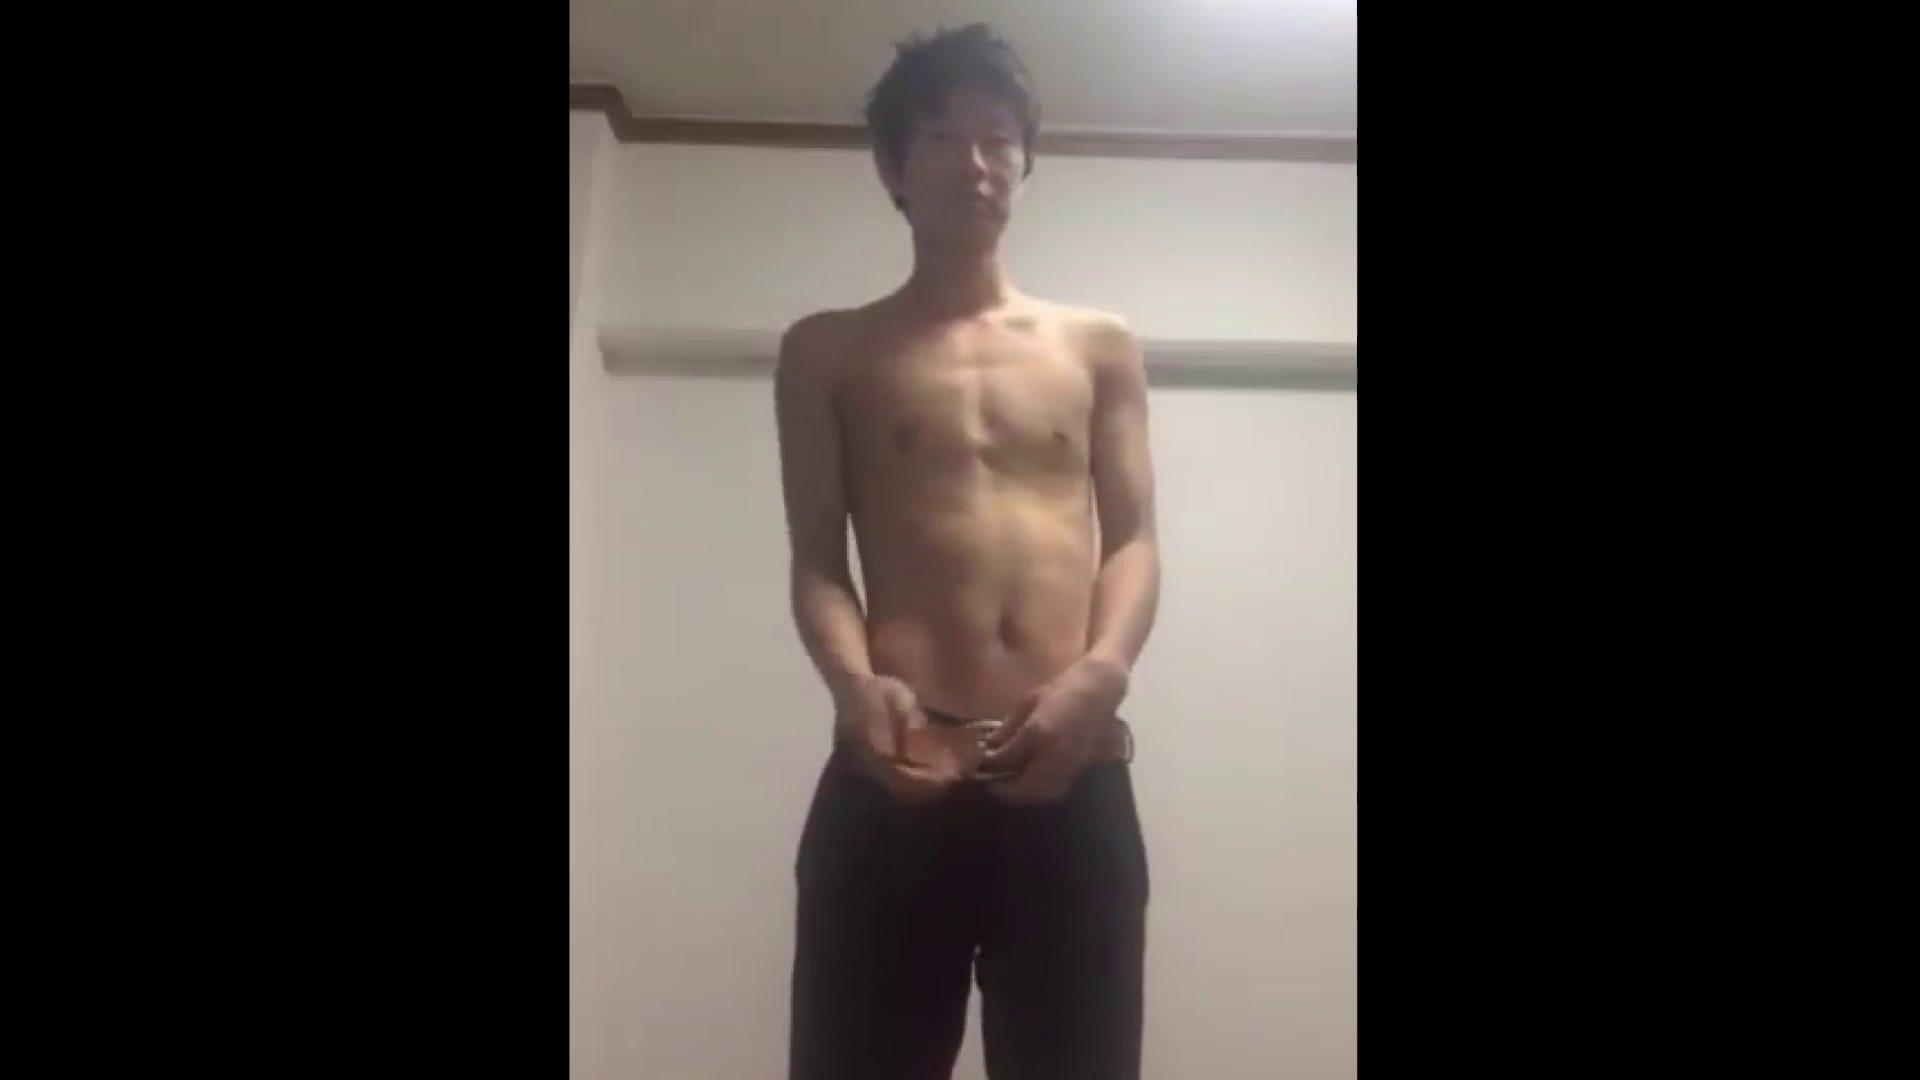 巨根 オナニー塾Vol.20 無修正 | オナニー エロビデオ紹介 65pic 3